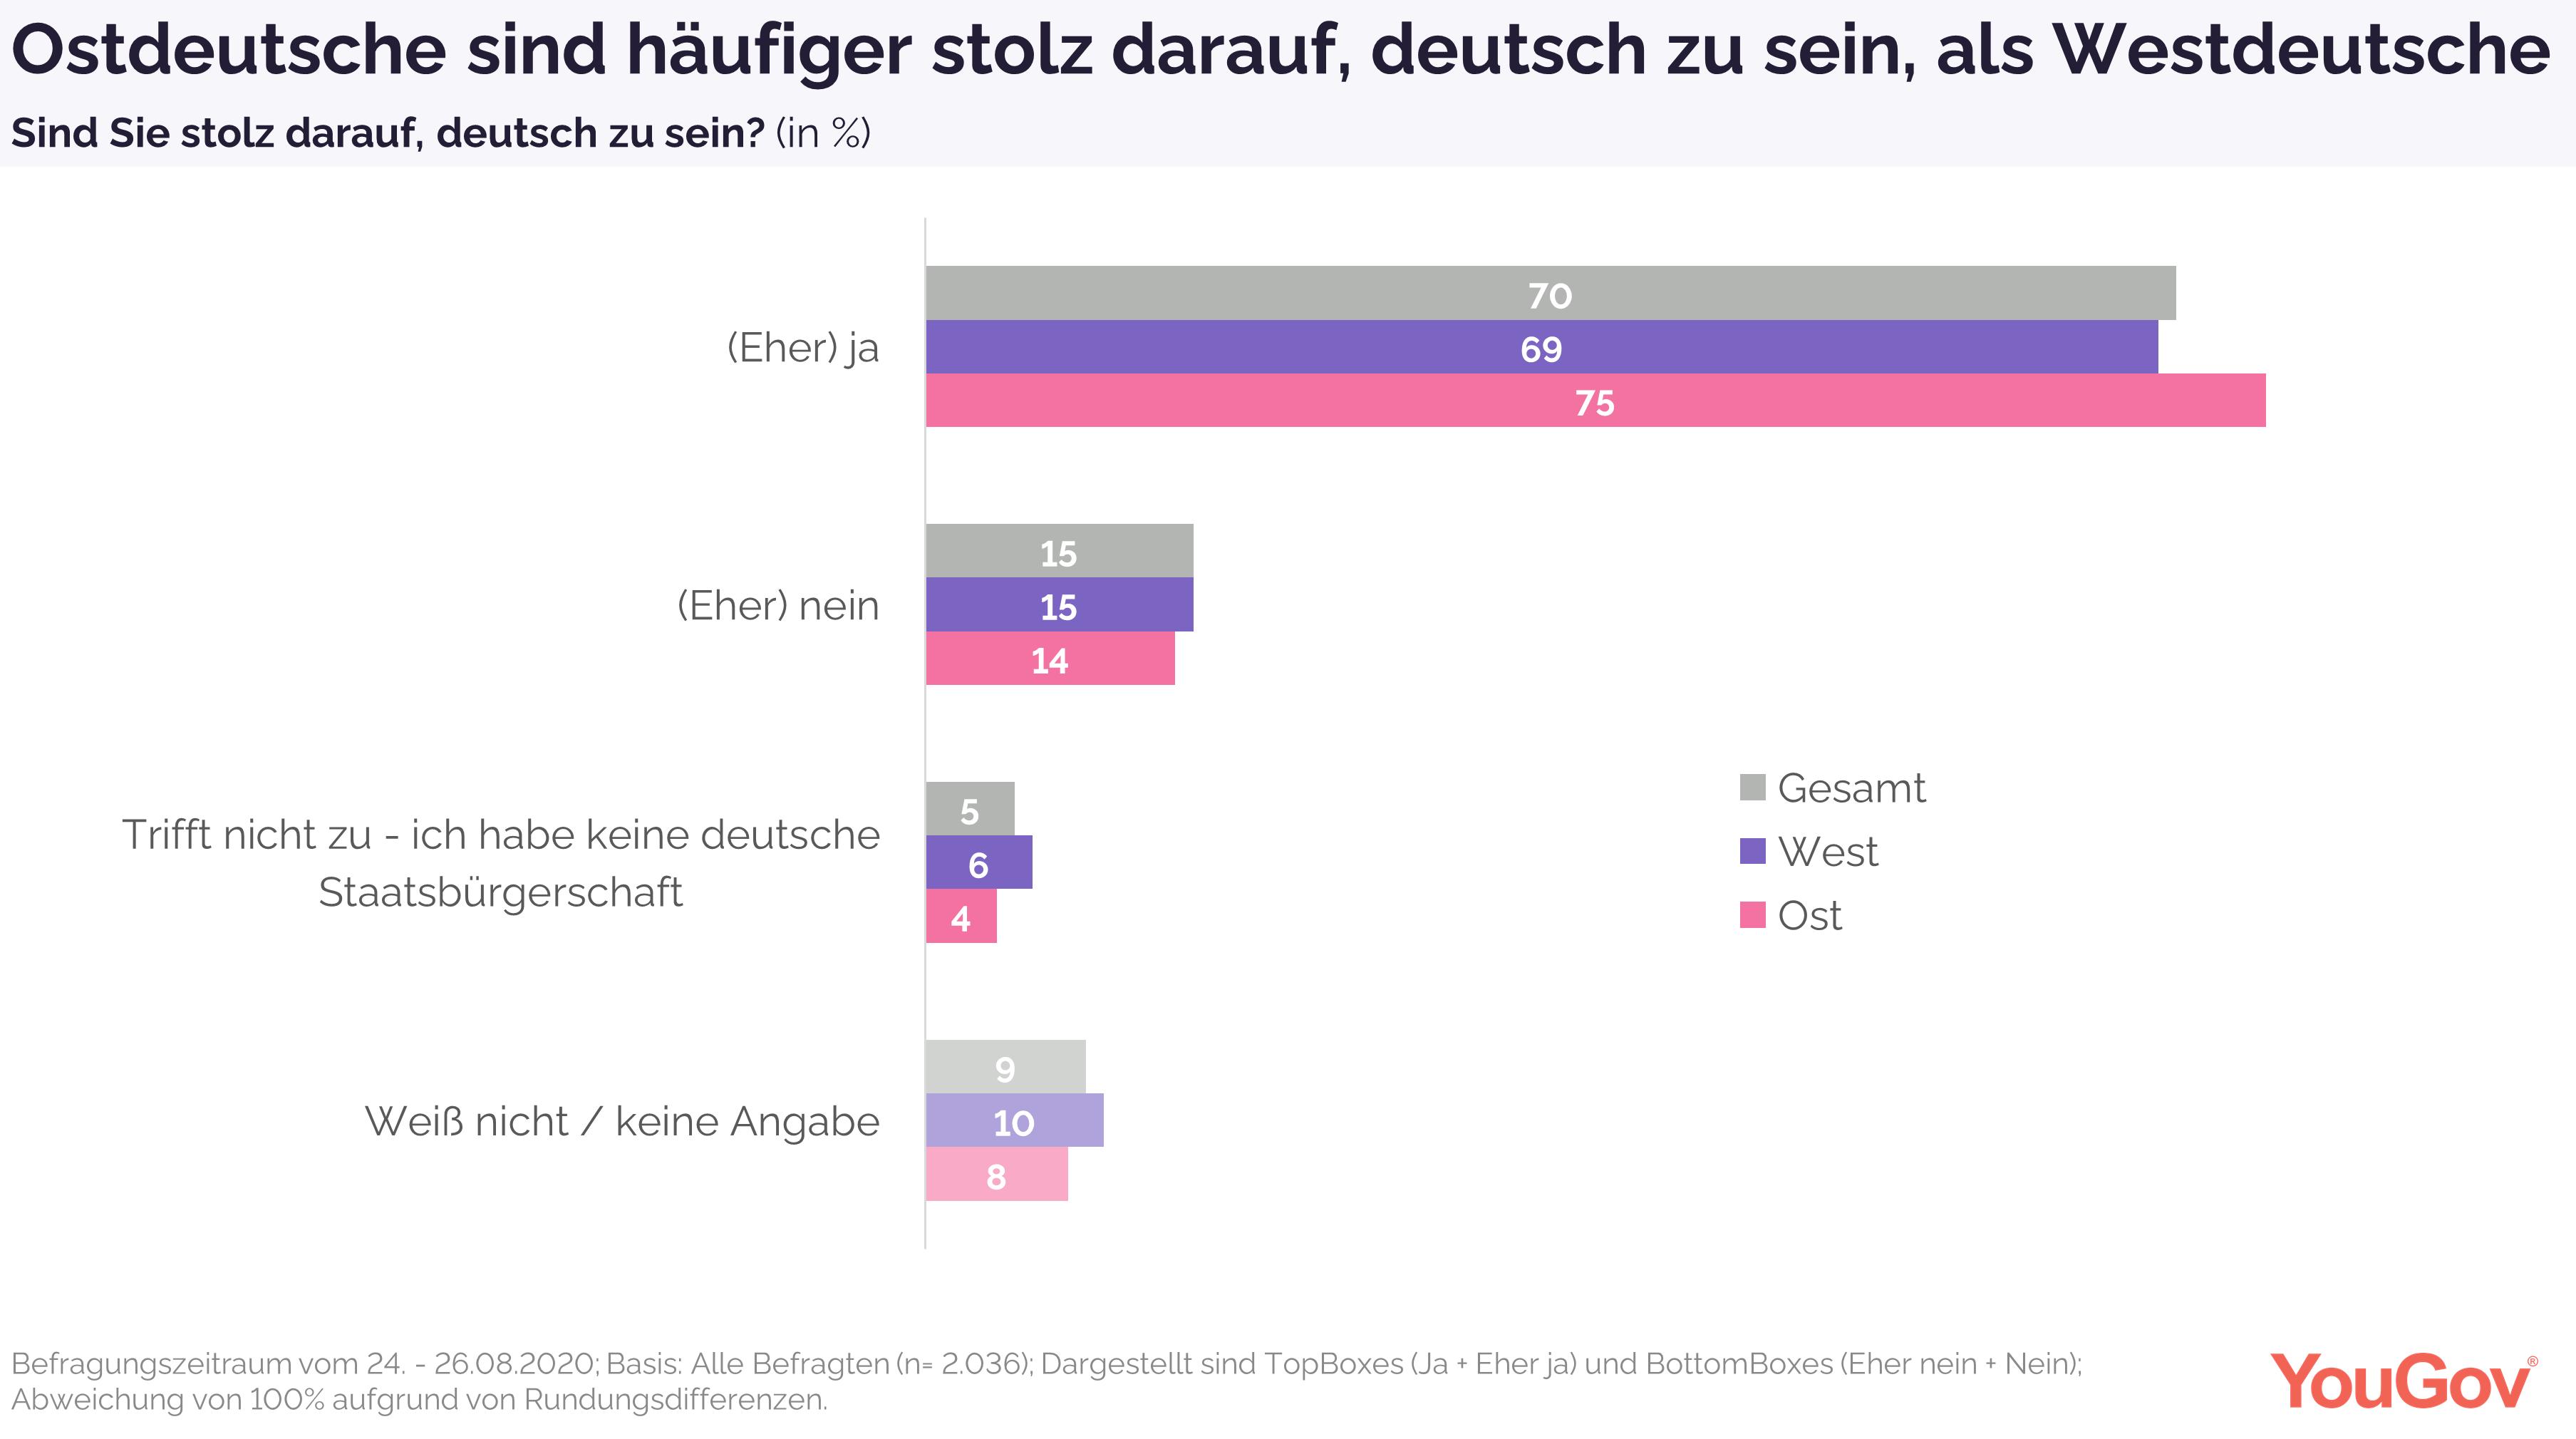 Ostdeutsche häufiger stolz darauf, deutsch zu sein